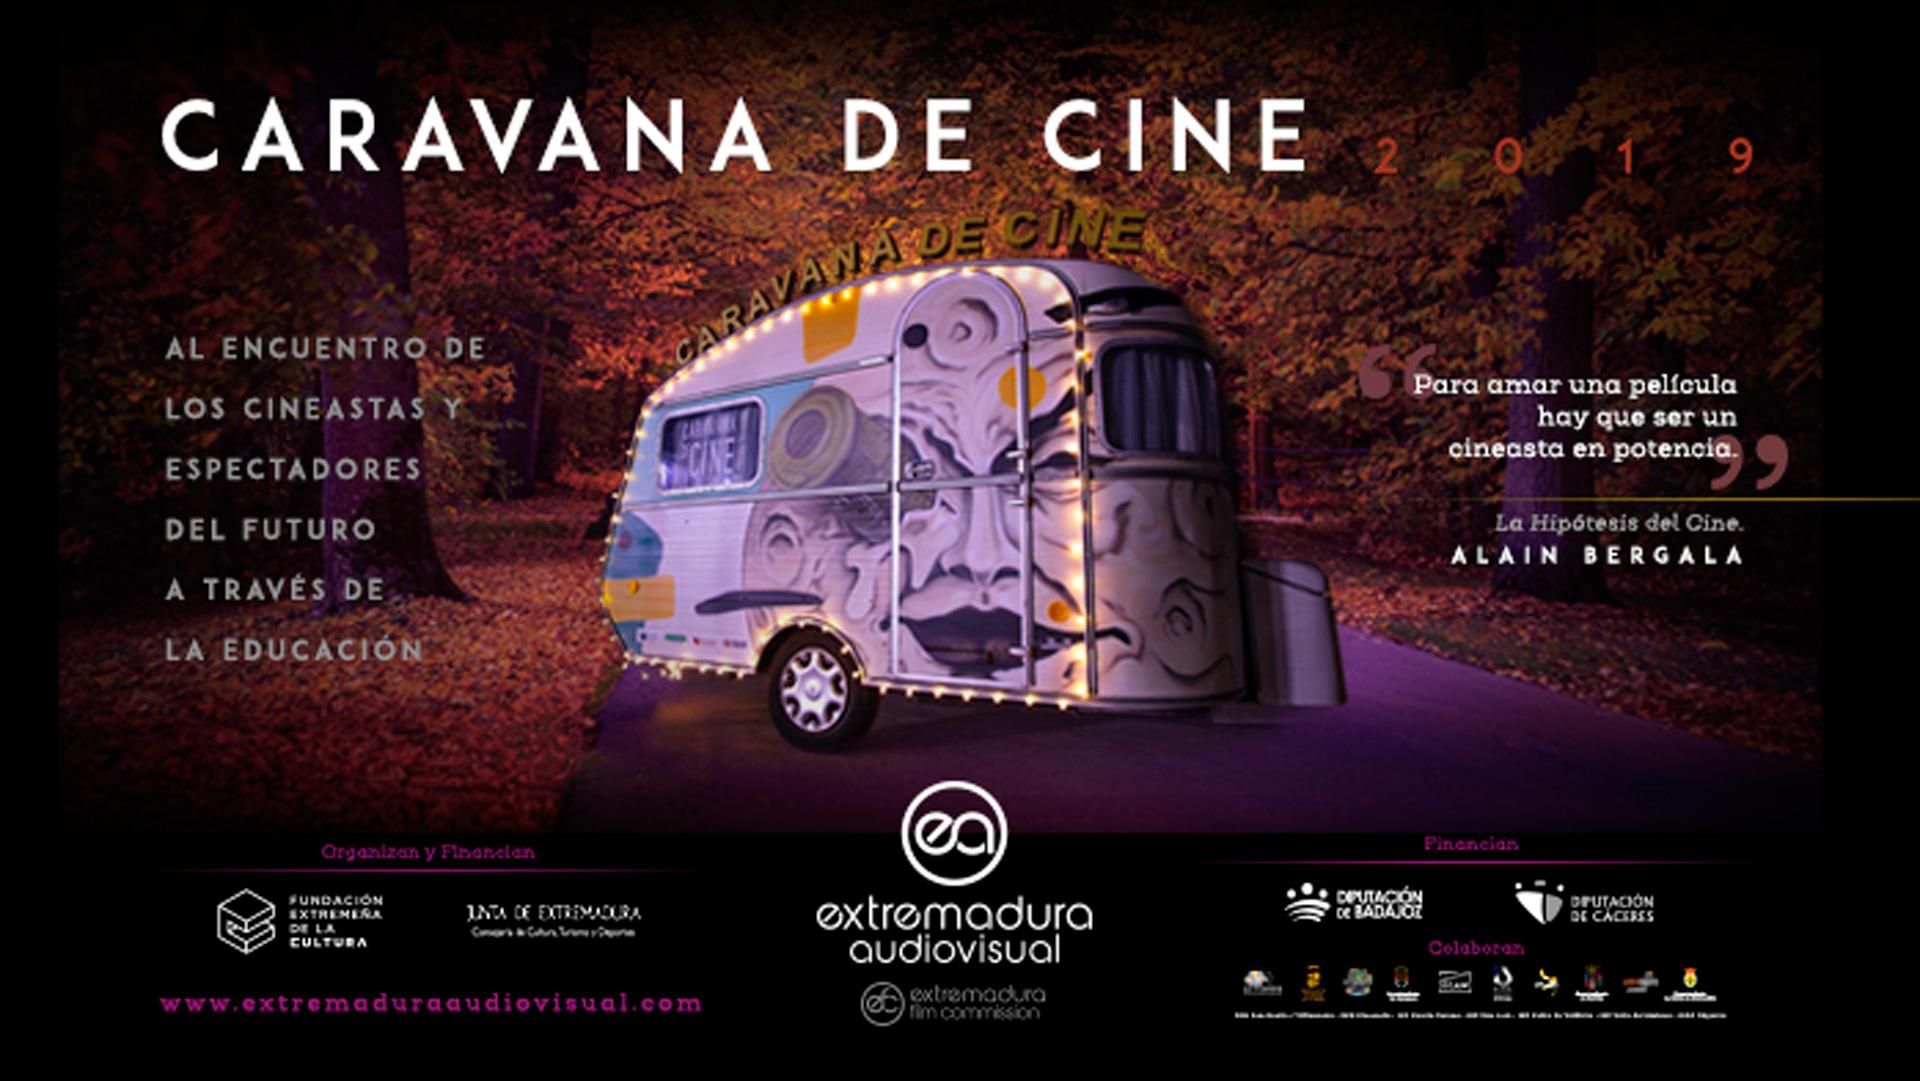 Arranca la segunda edición de la caravana de cine